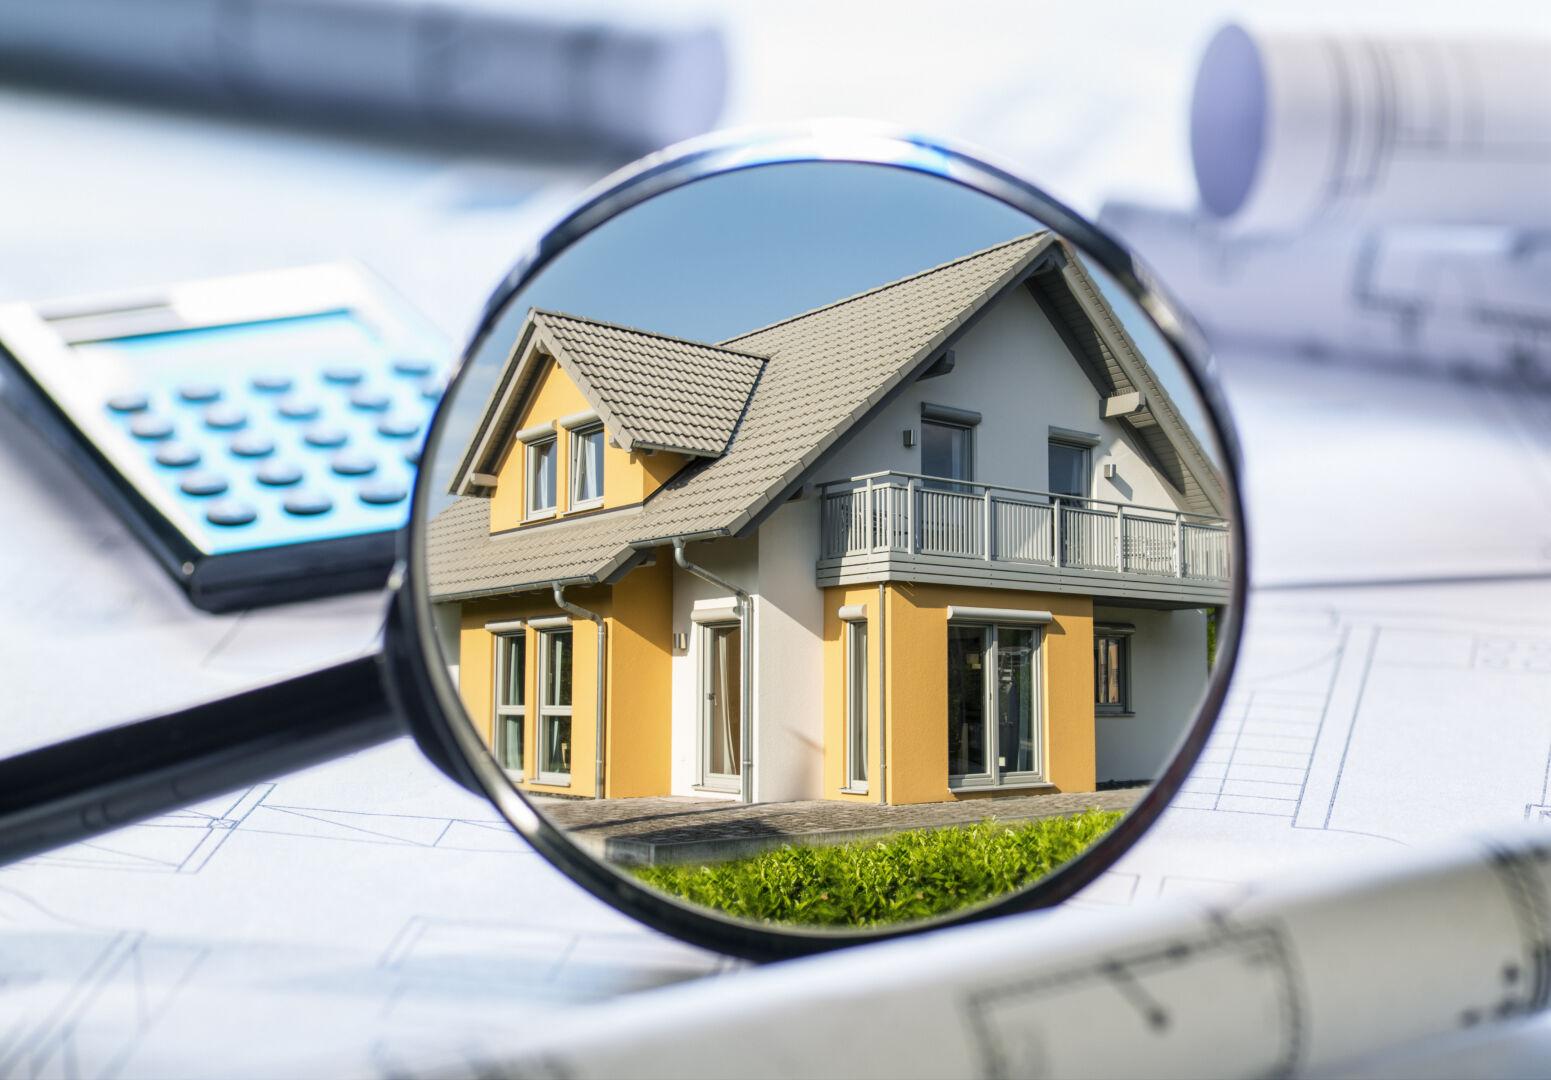 Comment faire une juste estimation immobilière ?